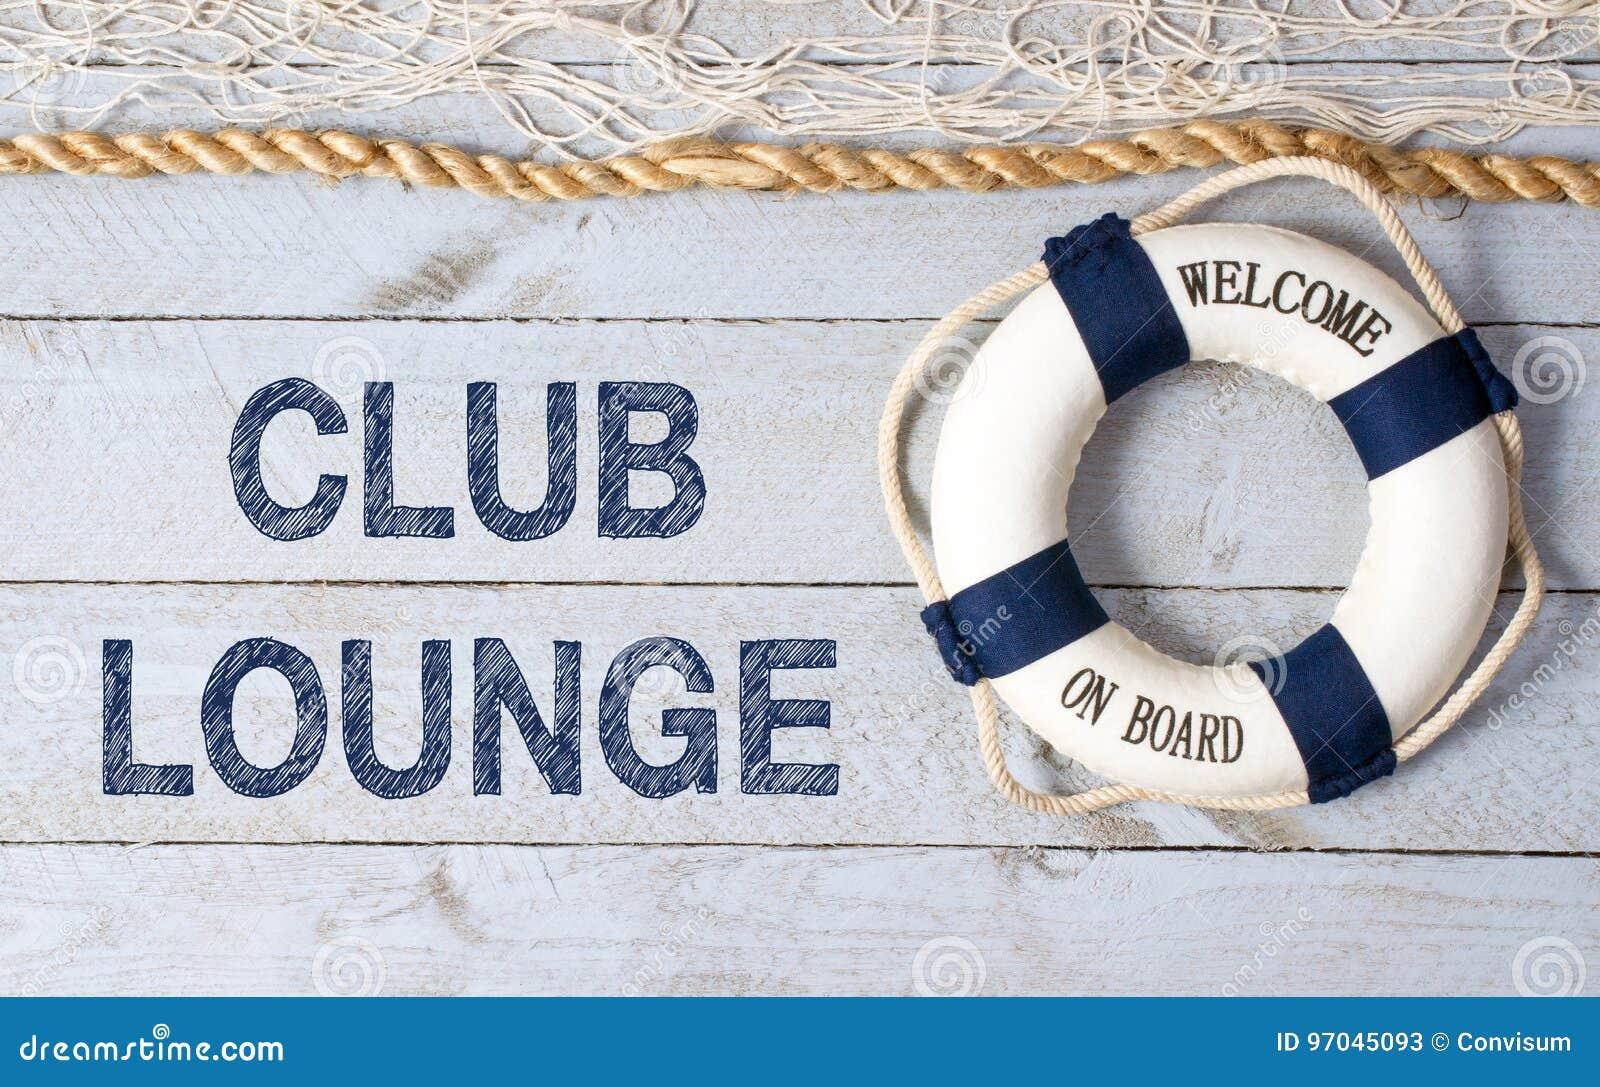 Verein-Aufenthaltsraum - Willkommen an Bord